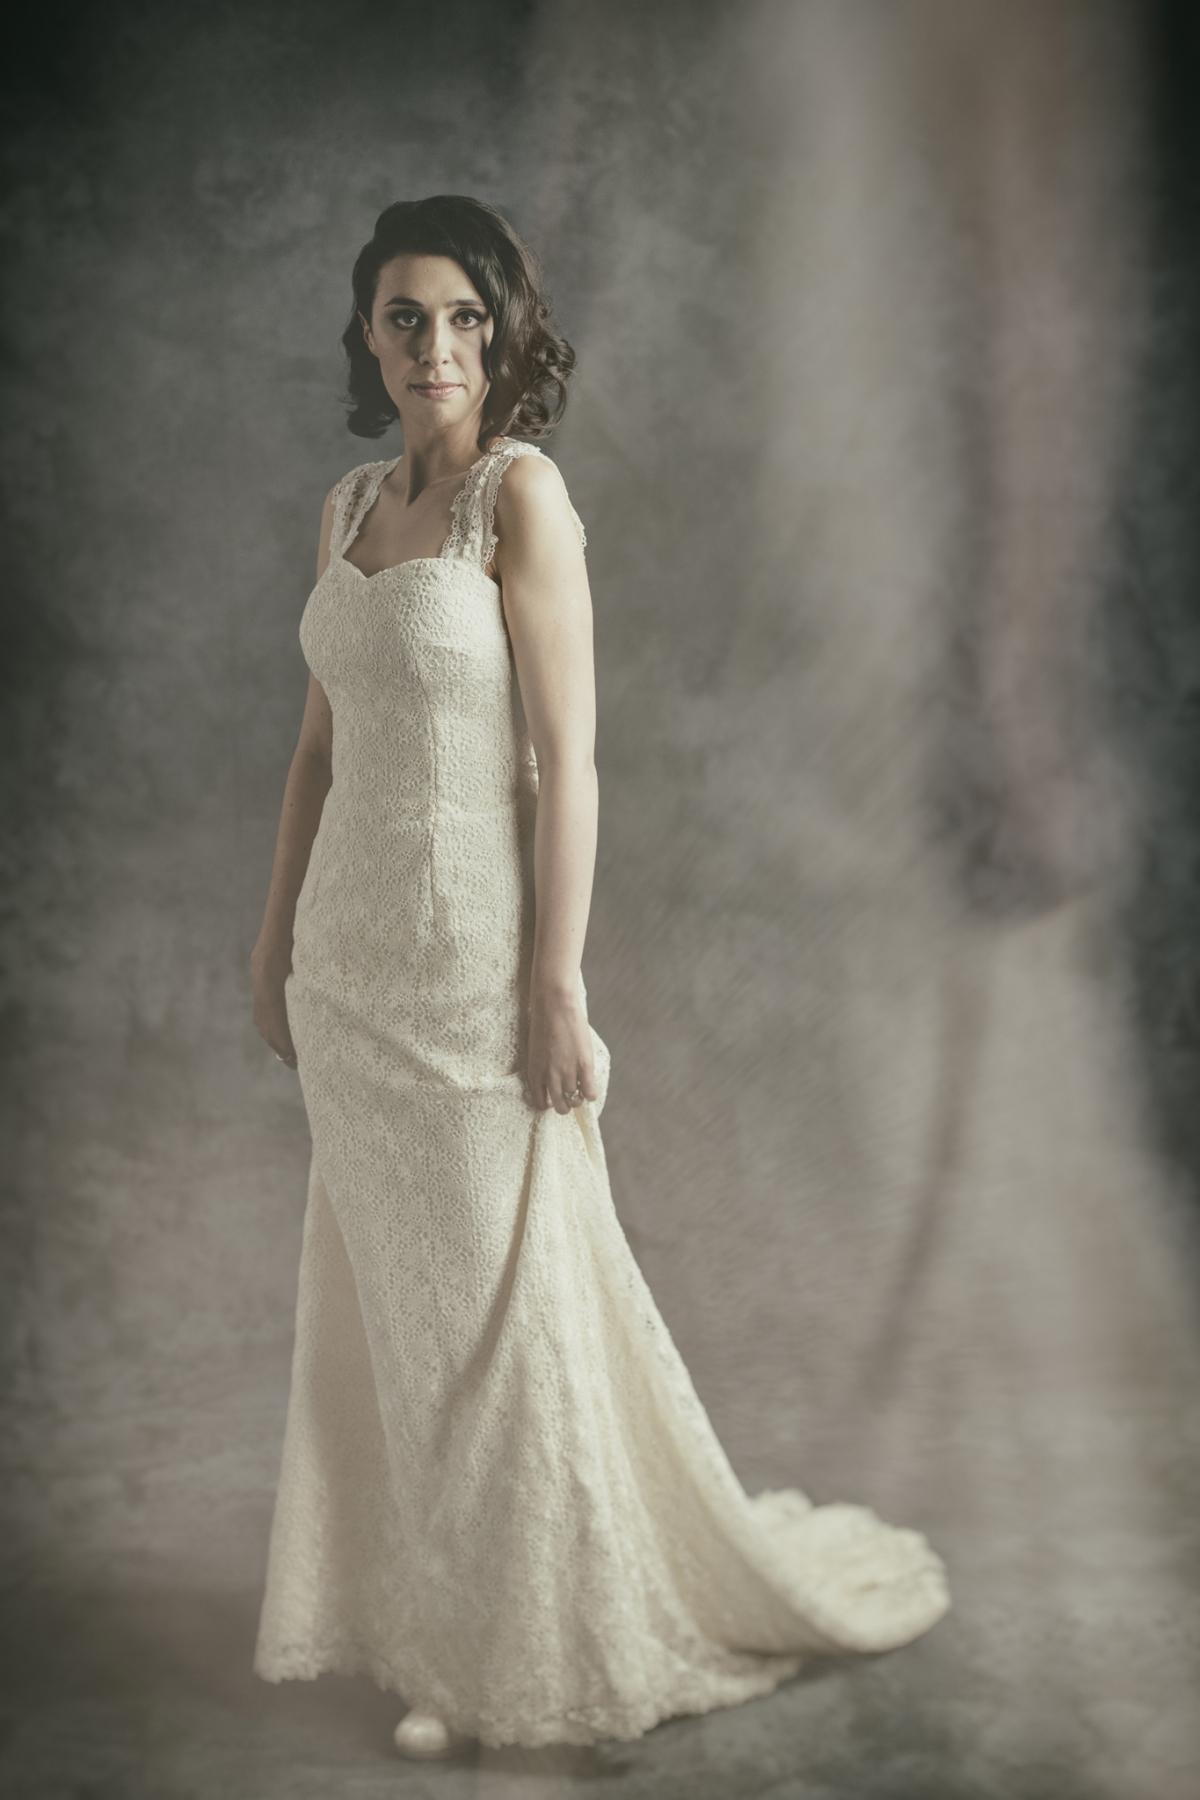 Fine art bridal portrait from 37 Degrees Studio full length bride holding dress